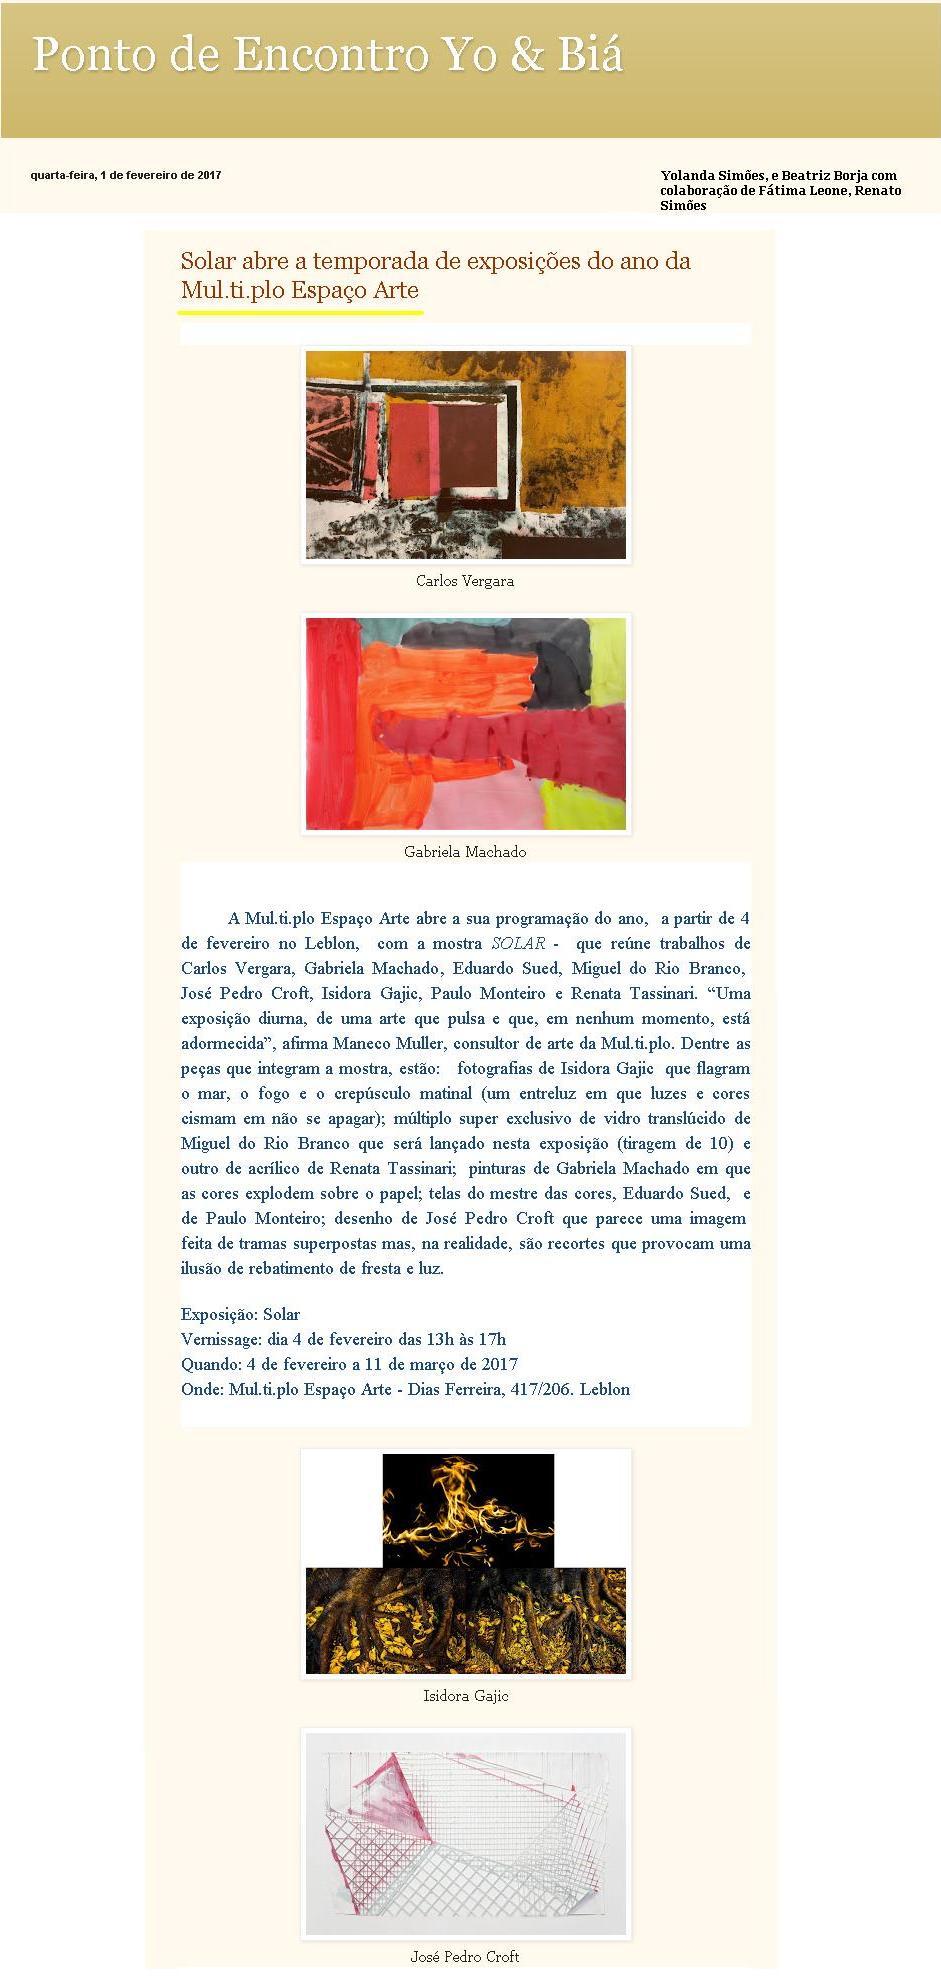 MUL.TI.PLO ESPAÇO ARTE NO BLOG PONTO DE ENCONTRO YO & BIÁ 01.02.JPG